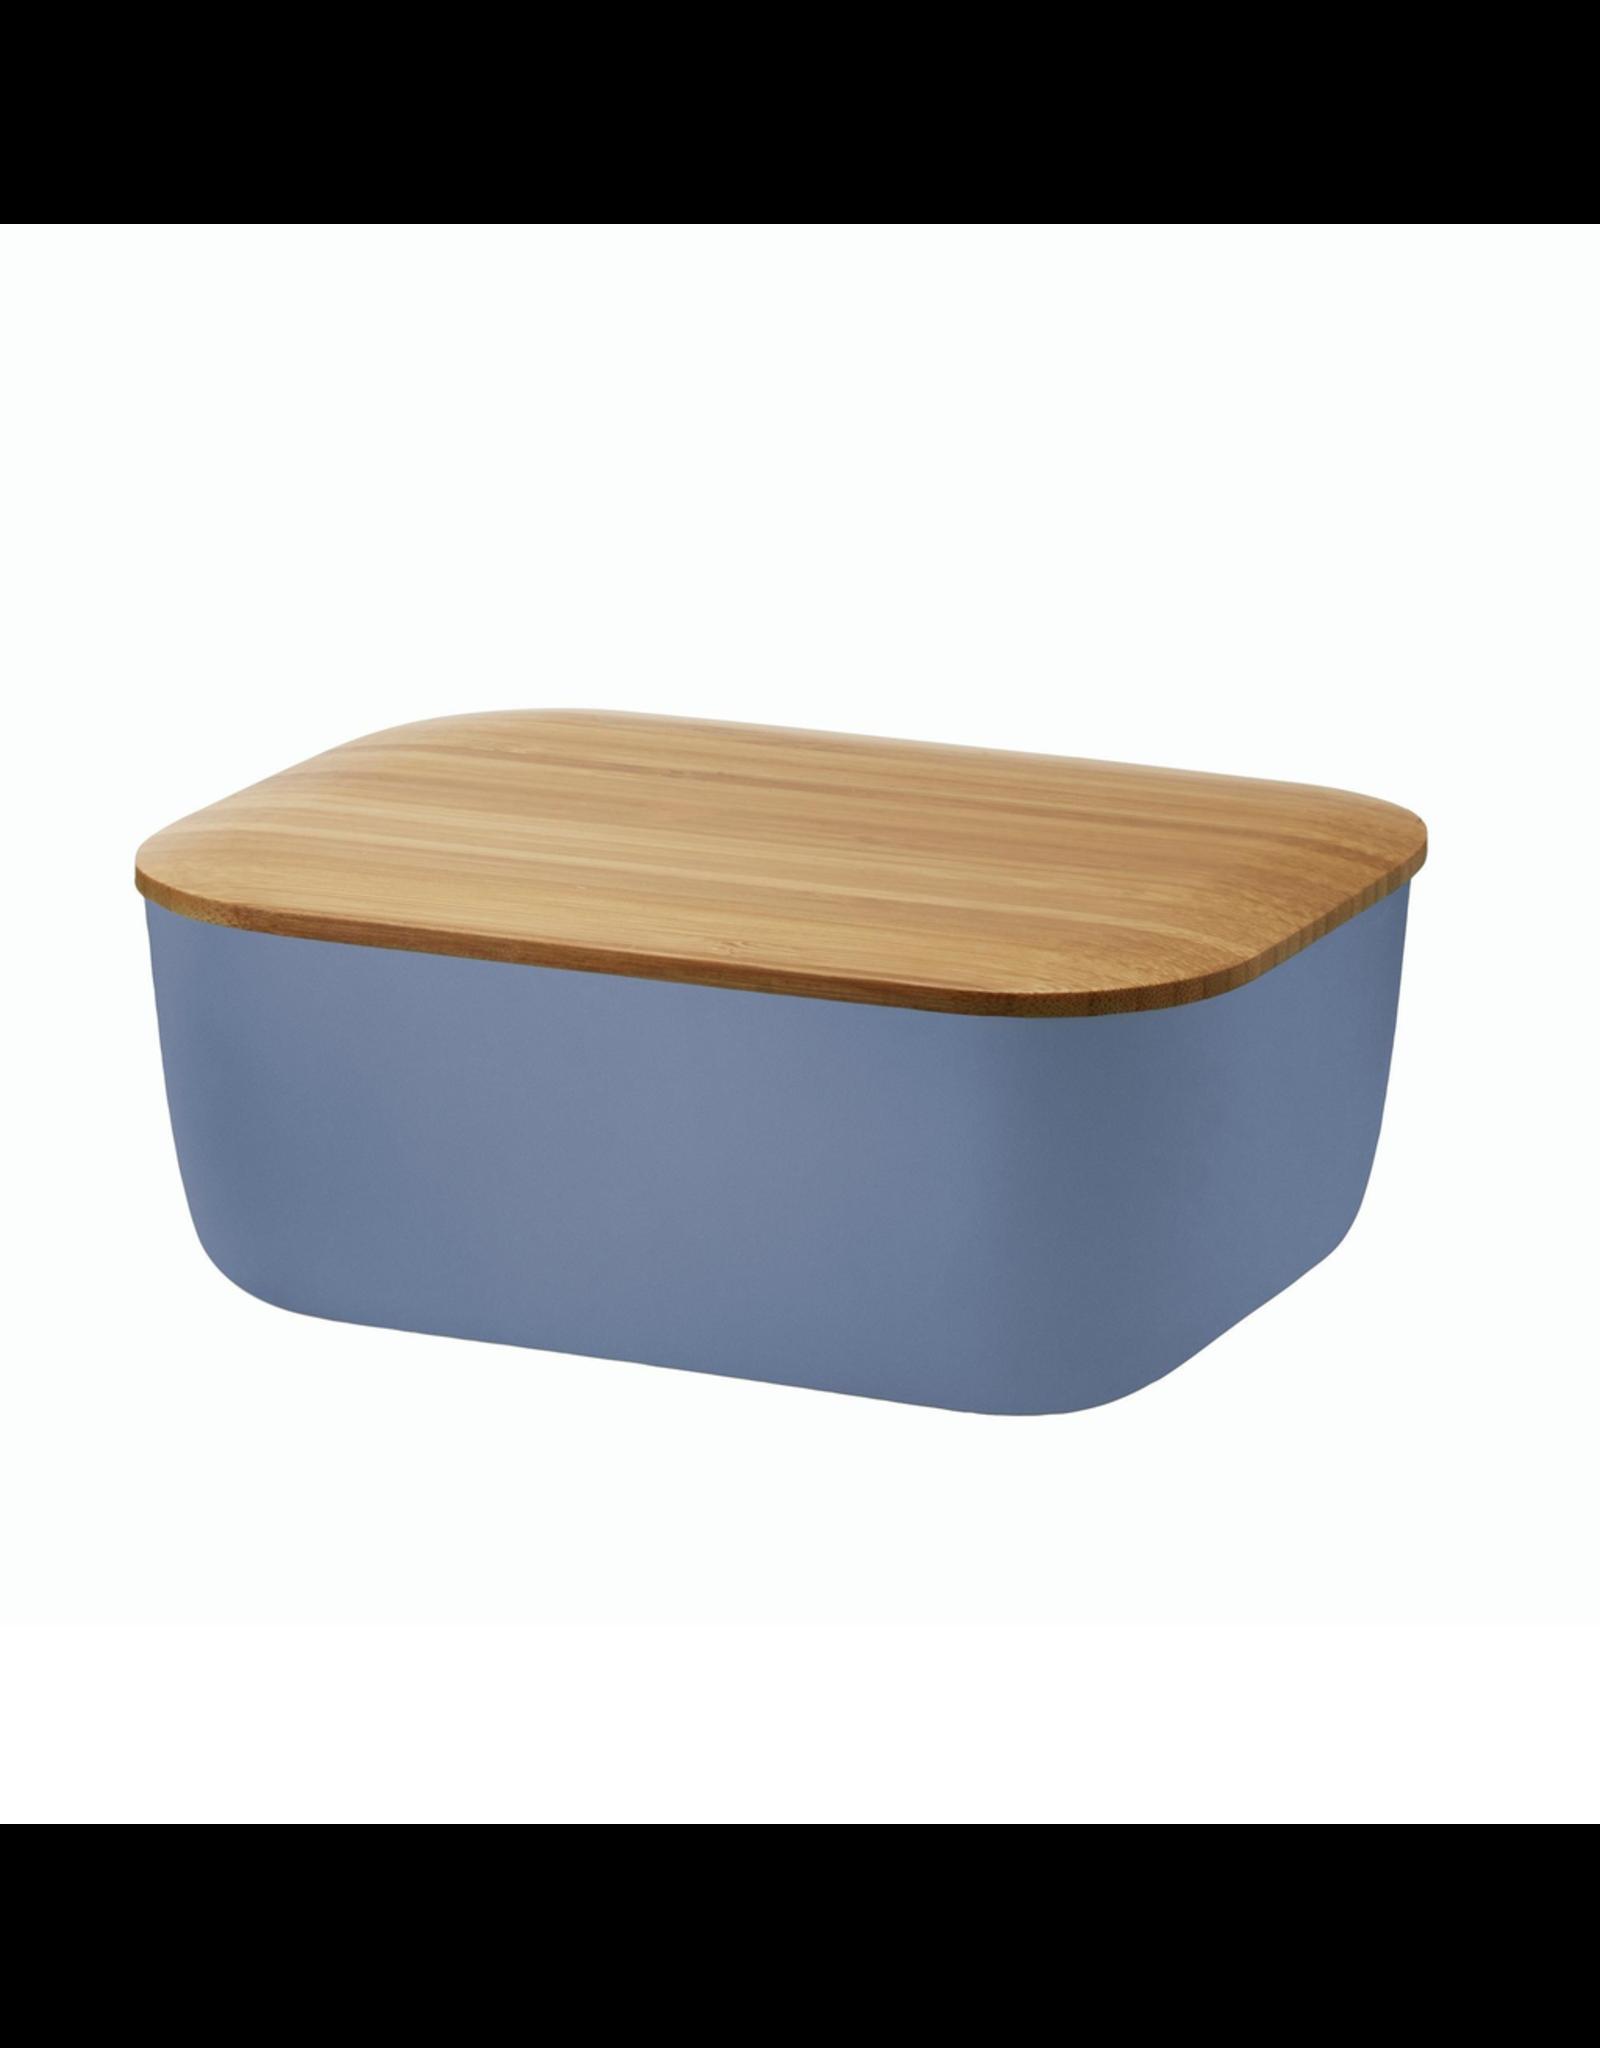 Stelton BOX-IT BUTTER BOX - DARK BLUE